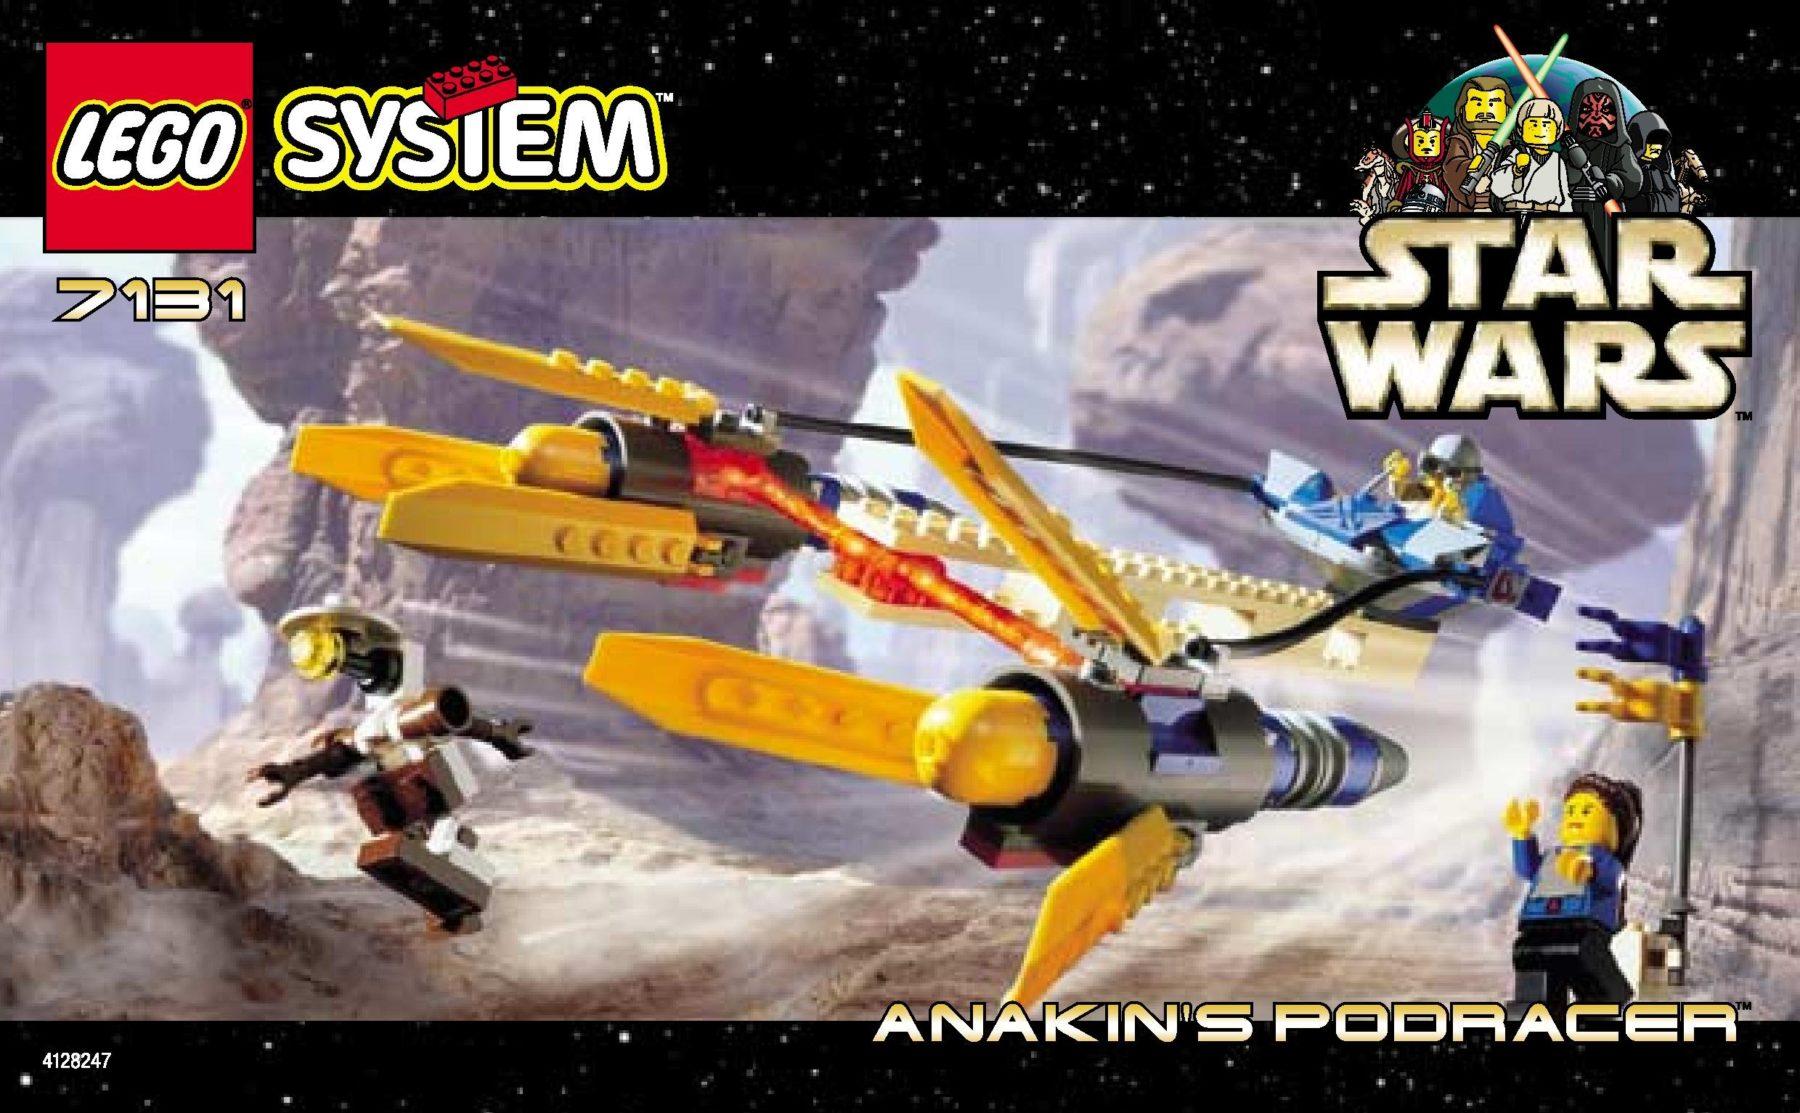 LEGO 75258 wird eine Neuauflage von Anakins Podracer (7131)